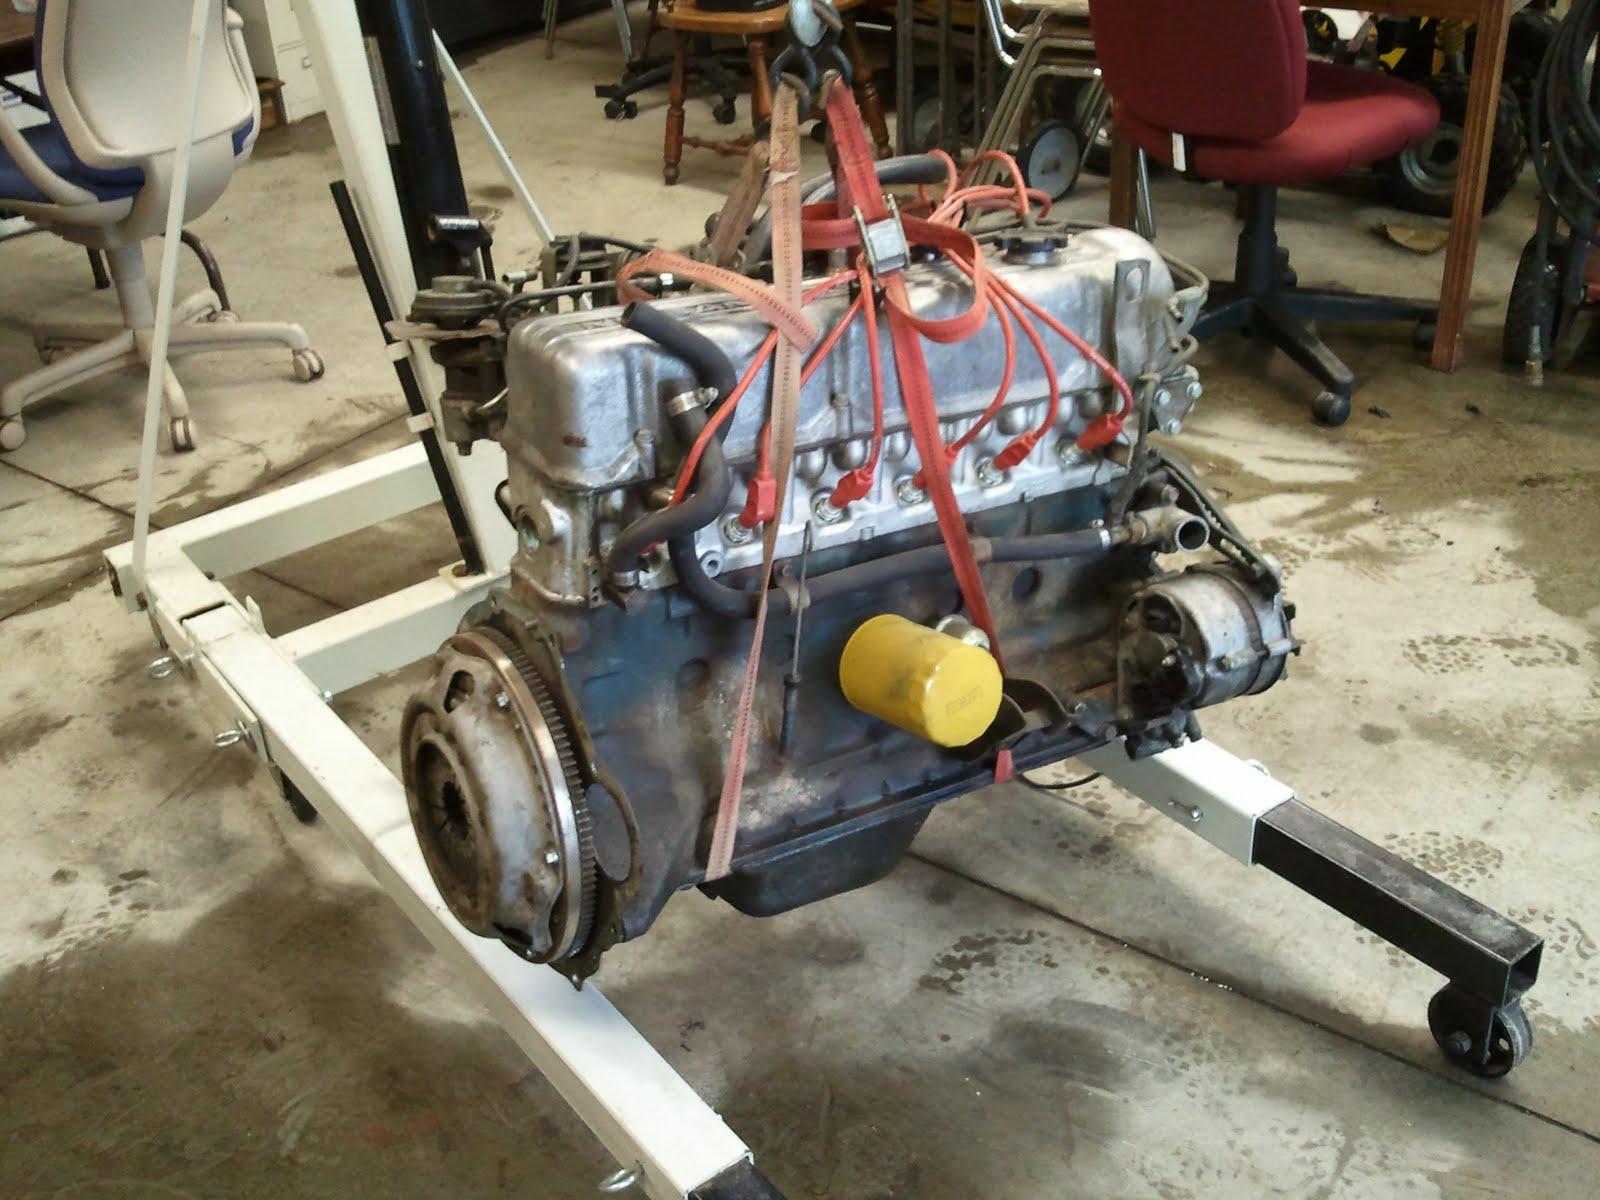 This engine sucks